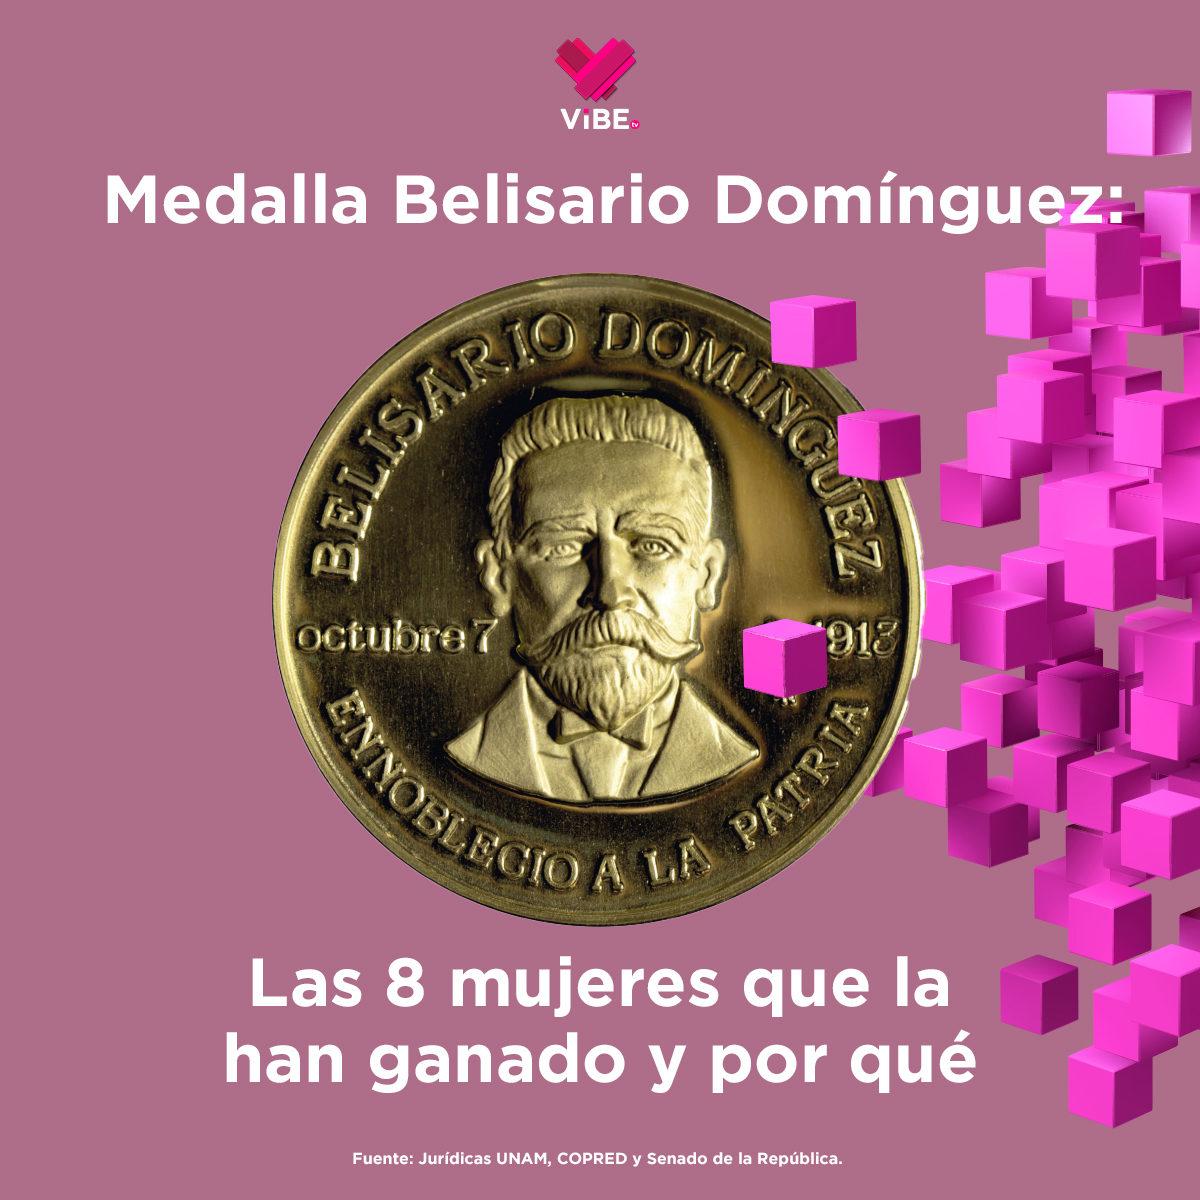 Medalla Belisario